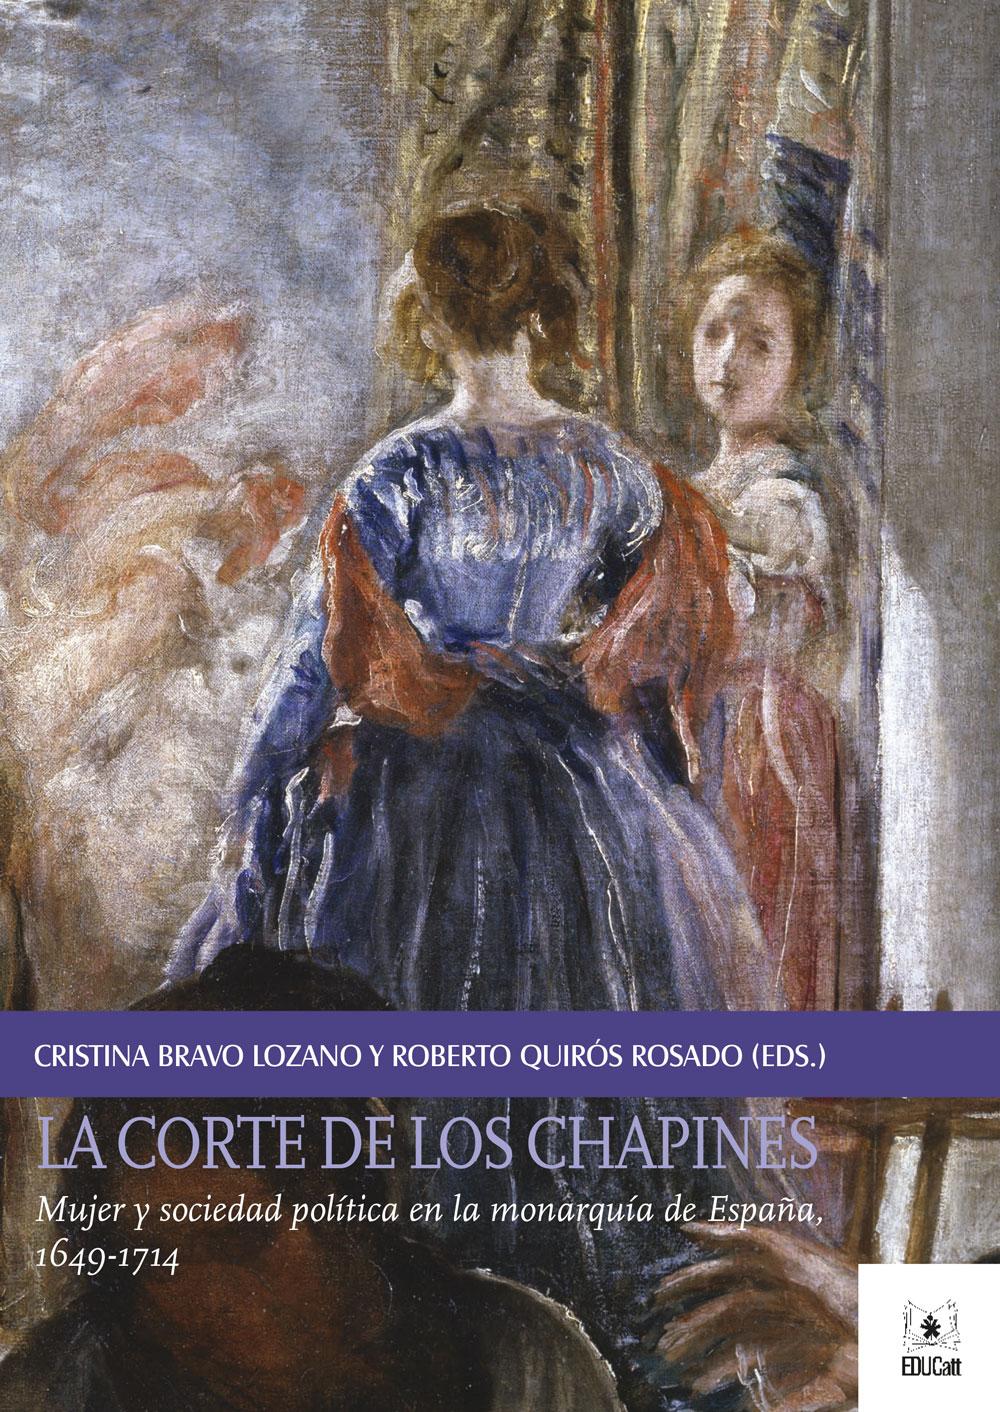 LA CORTE DE LOS CHAPINES. MUJER Y SOCIEDAD POLITICA EN LA MONARQUIA DE ESPANA, 1649-1714